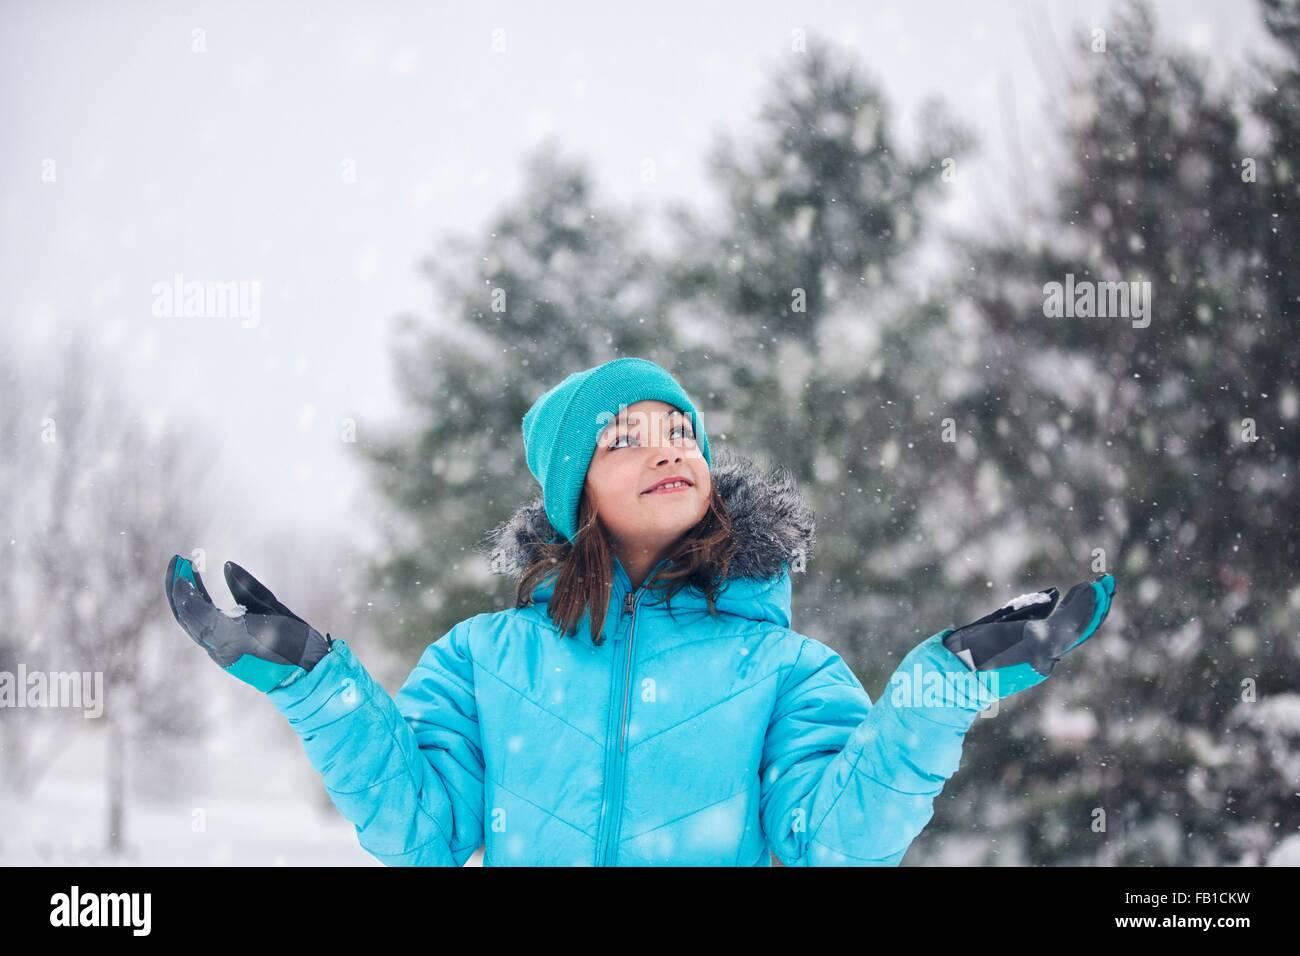 Ragazza indossare un turchese knit hat e ricoprire i bracci sollevati, mani fuori la cattura di neve, cercando di Immagini Stock